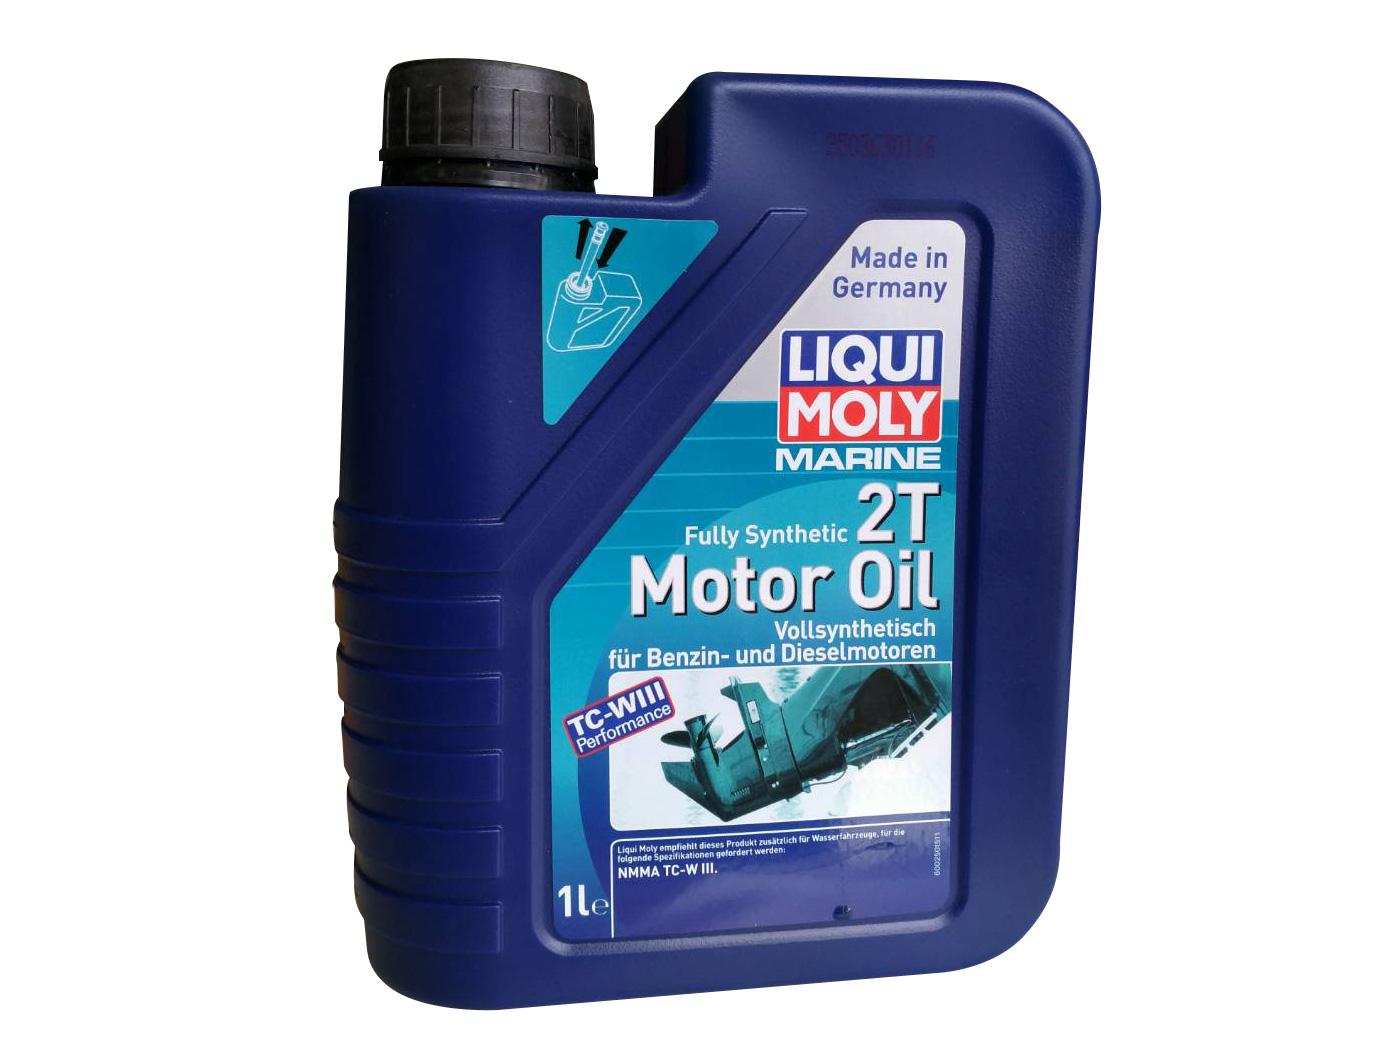 LIQI MOLY 2T MOTOR OIL